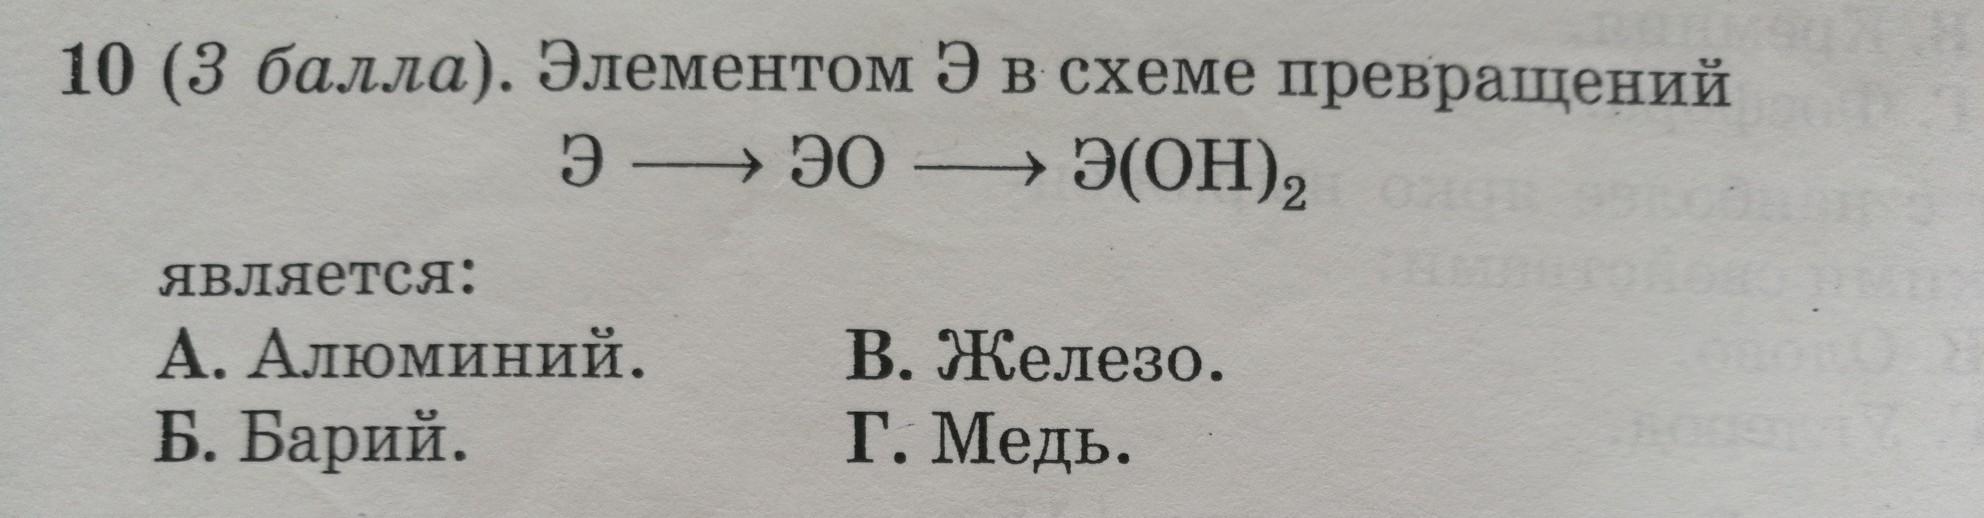 1. Химический элемент, имеющий схему строения атома +14 2, 8, 4, в.